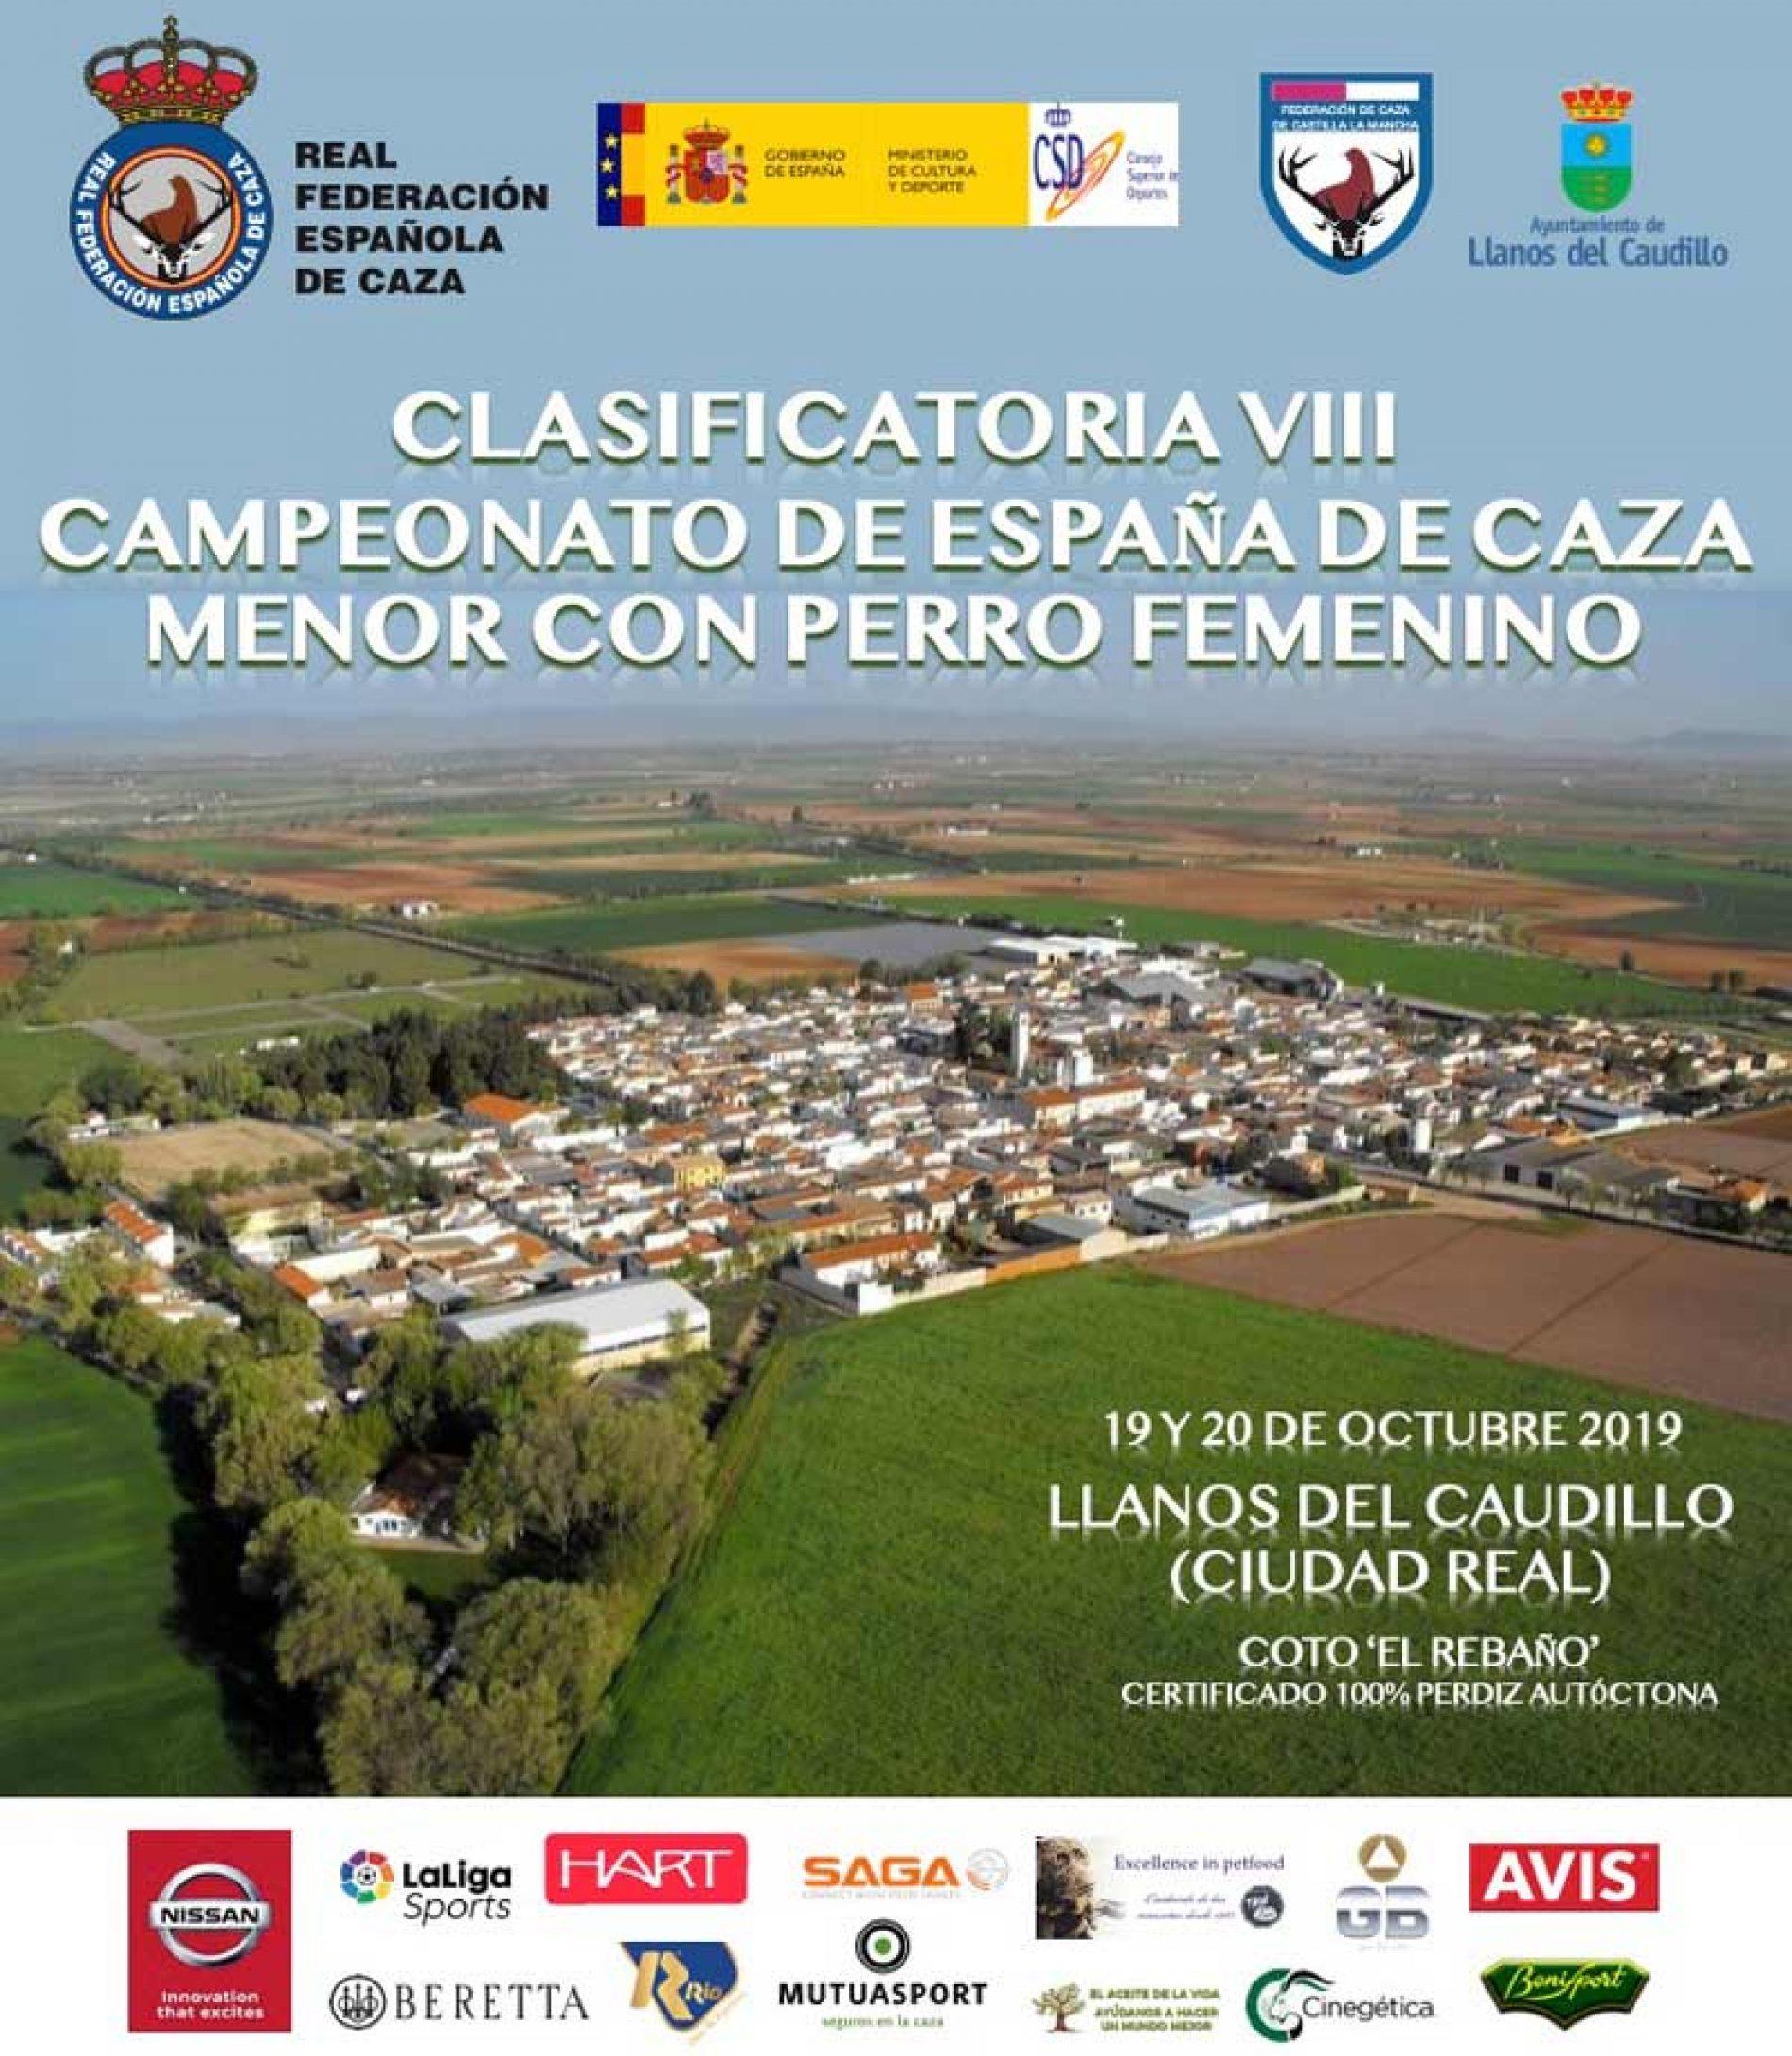 VIII Campeonato de España de Caza Menor con Perro Femenino